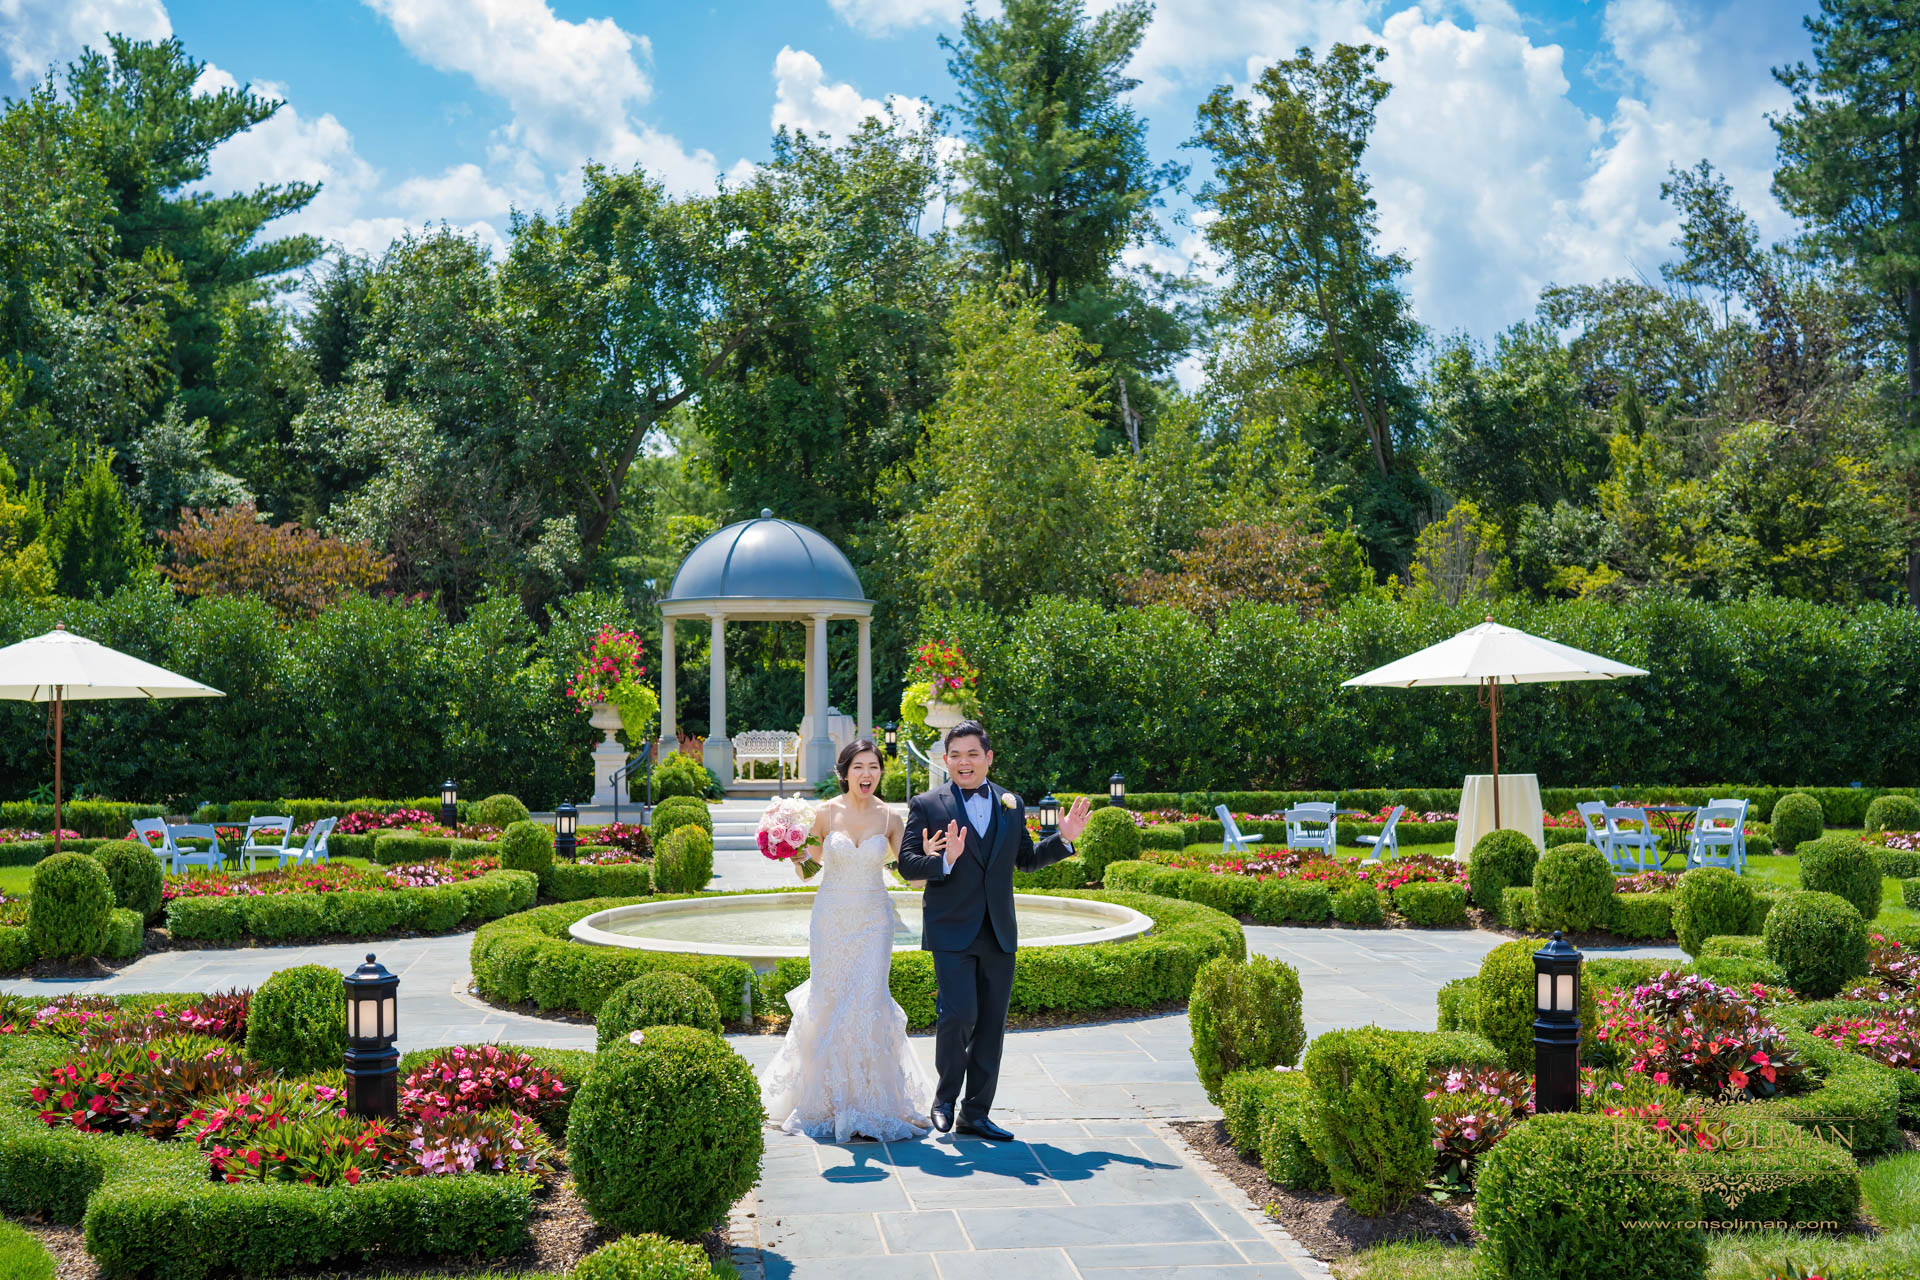 PARK CHATEAU WEDDING 329